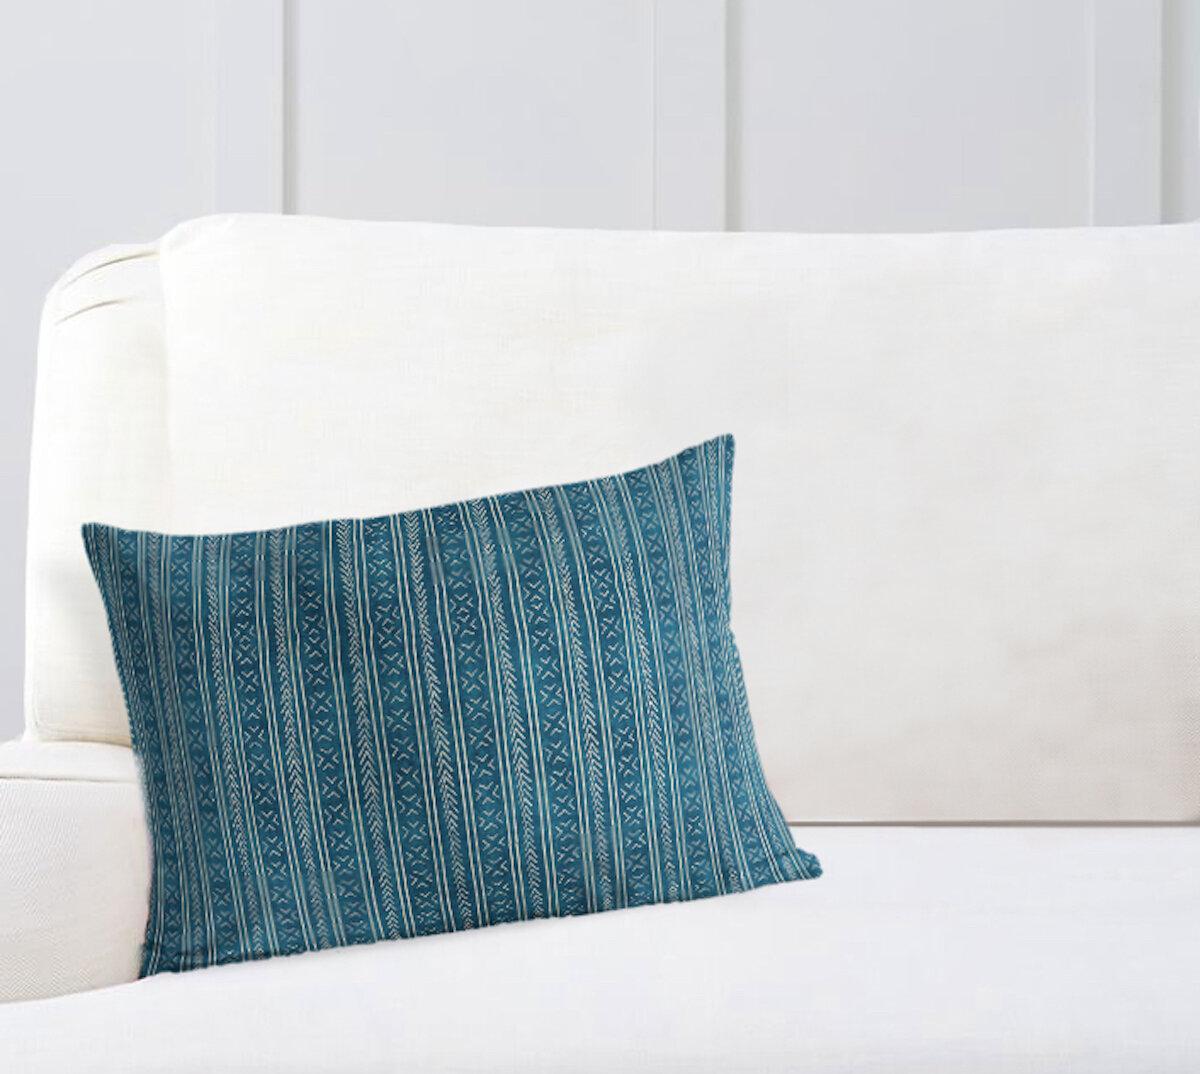 Mistana Adeline 100 Cotton Striped Lumbar Pillow Reviews Wayfair